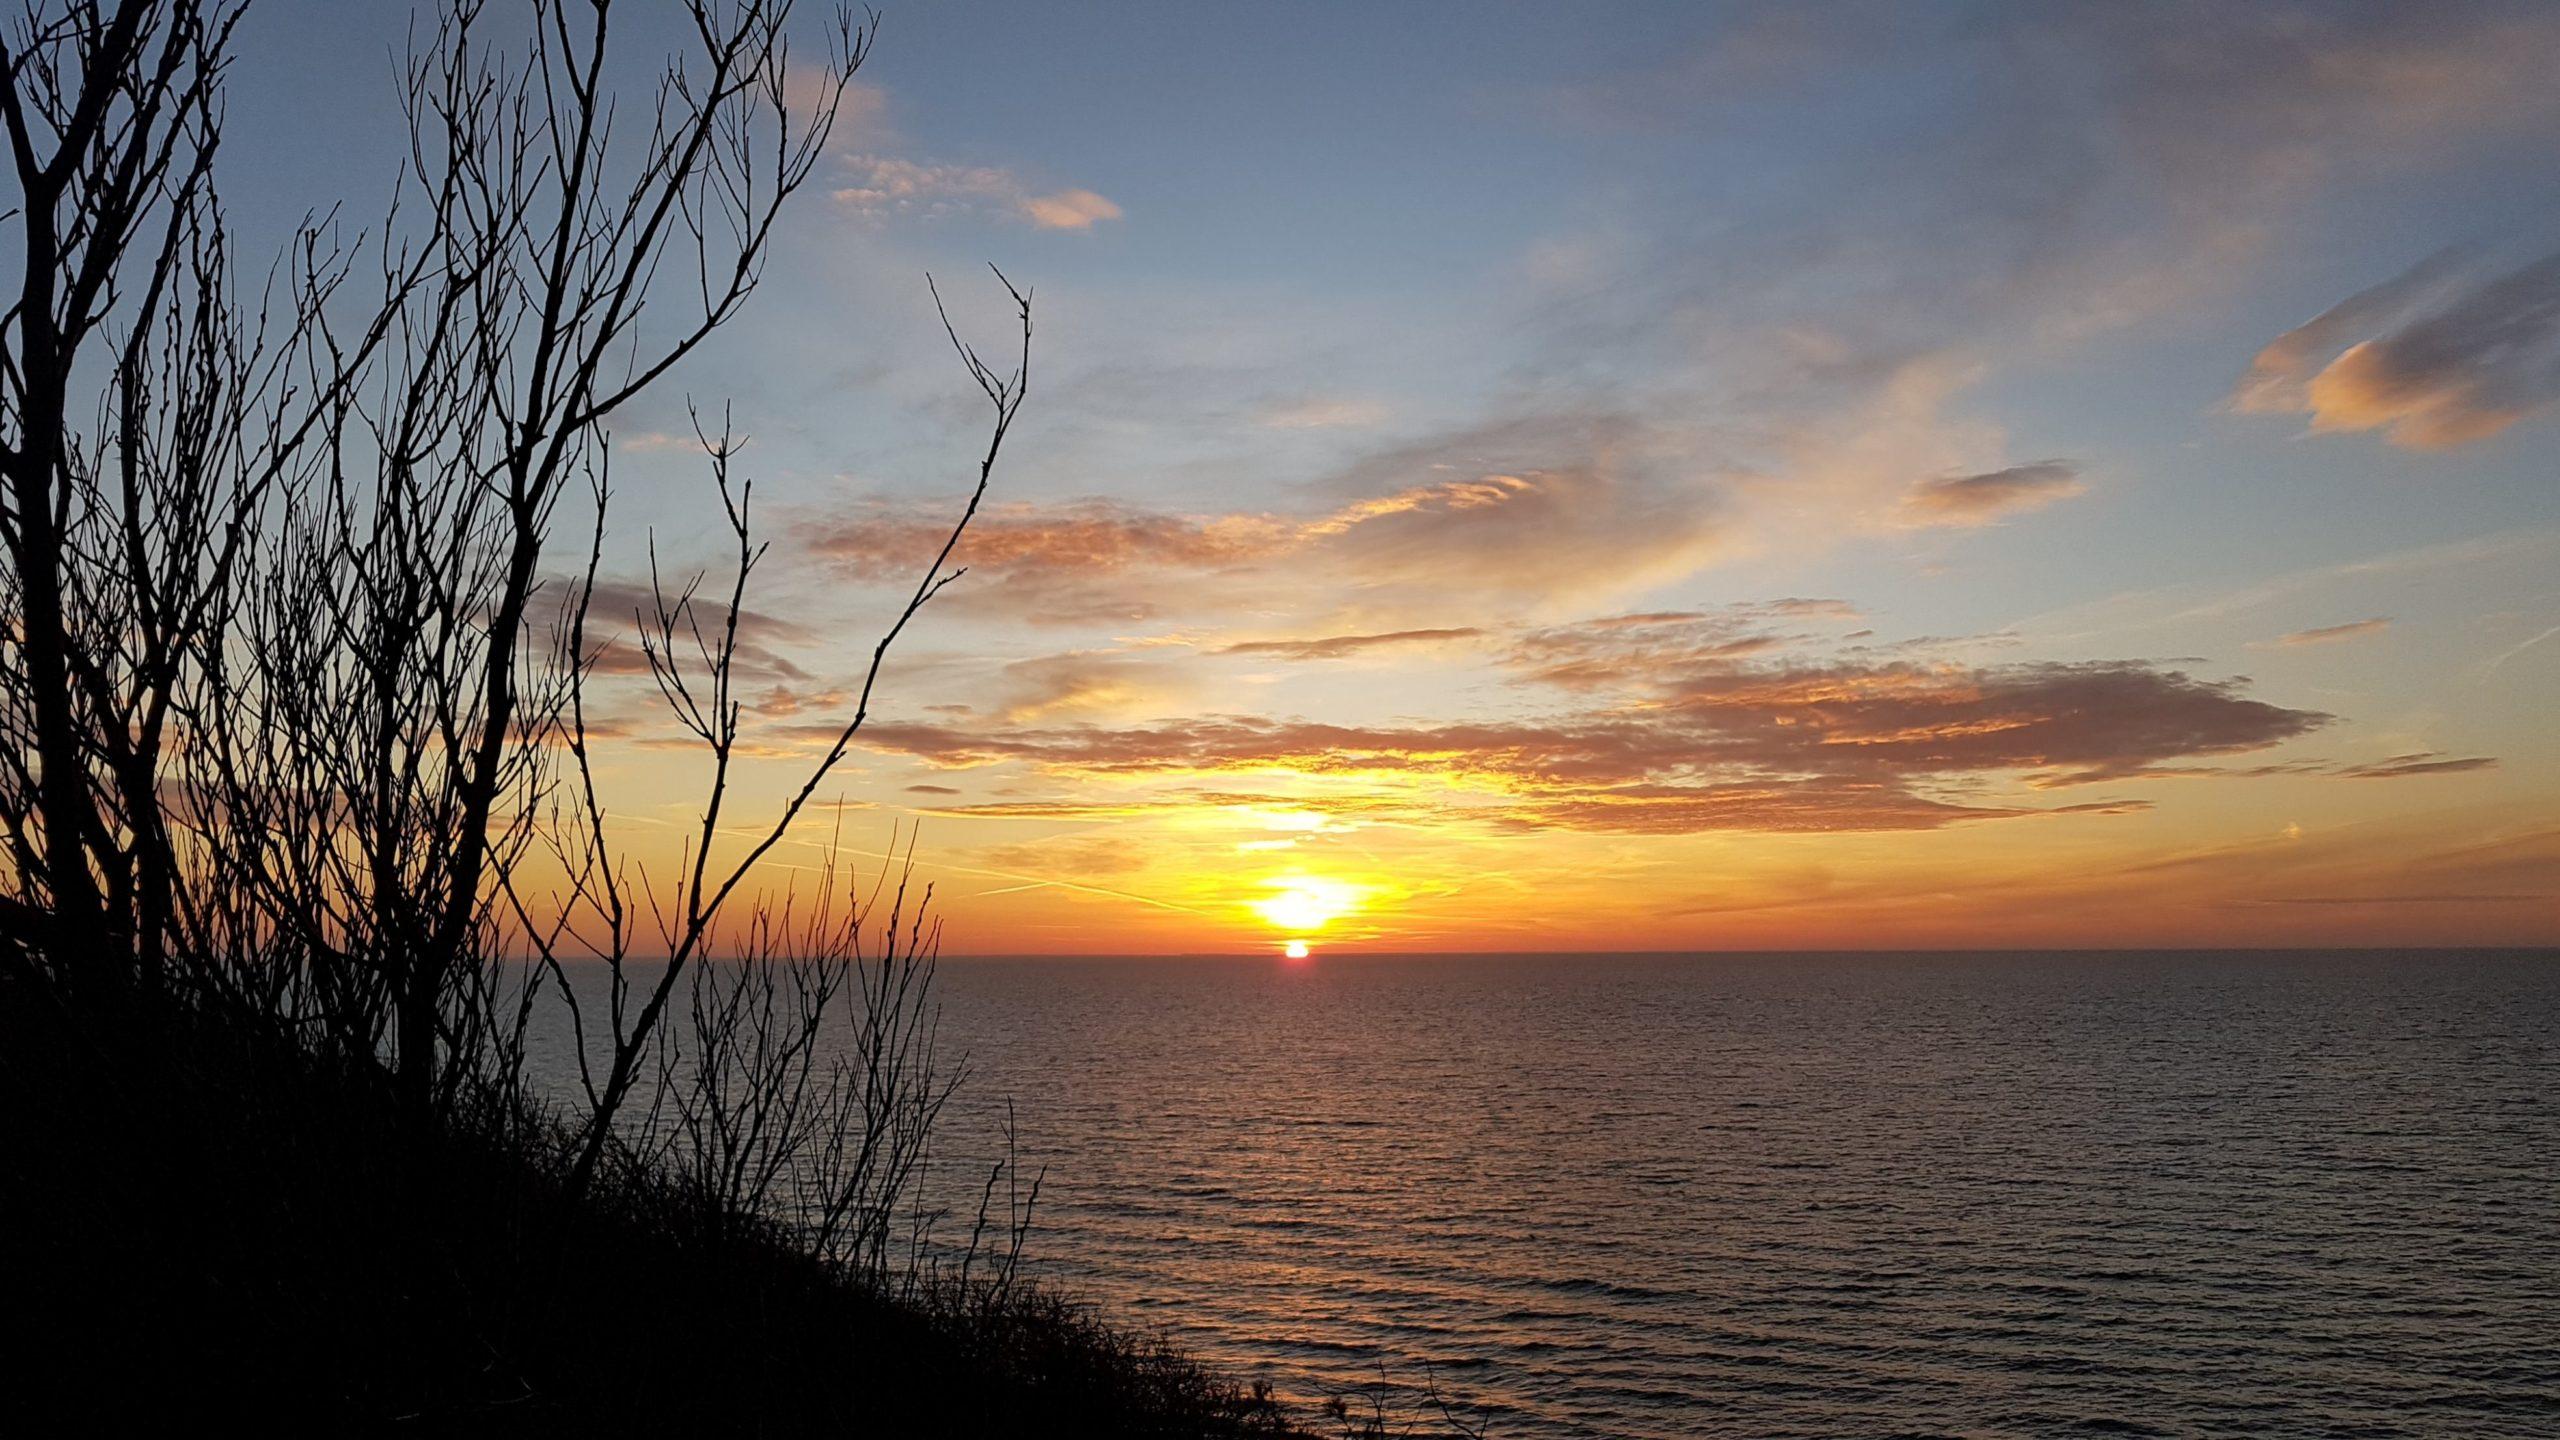 Kloster Sunset 18.12.2020